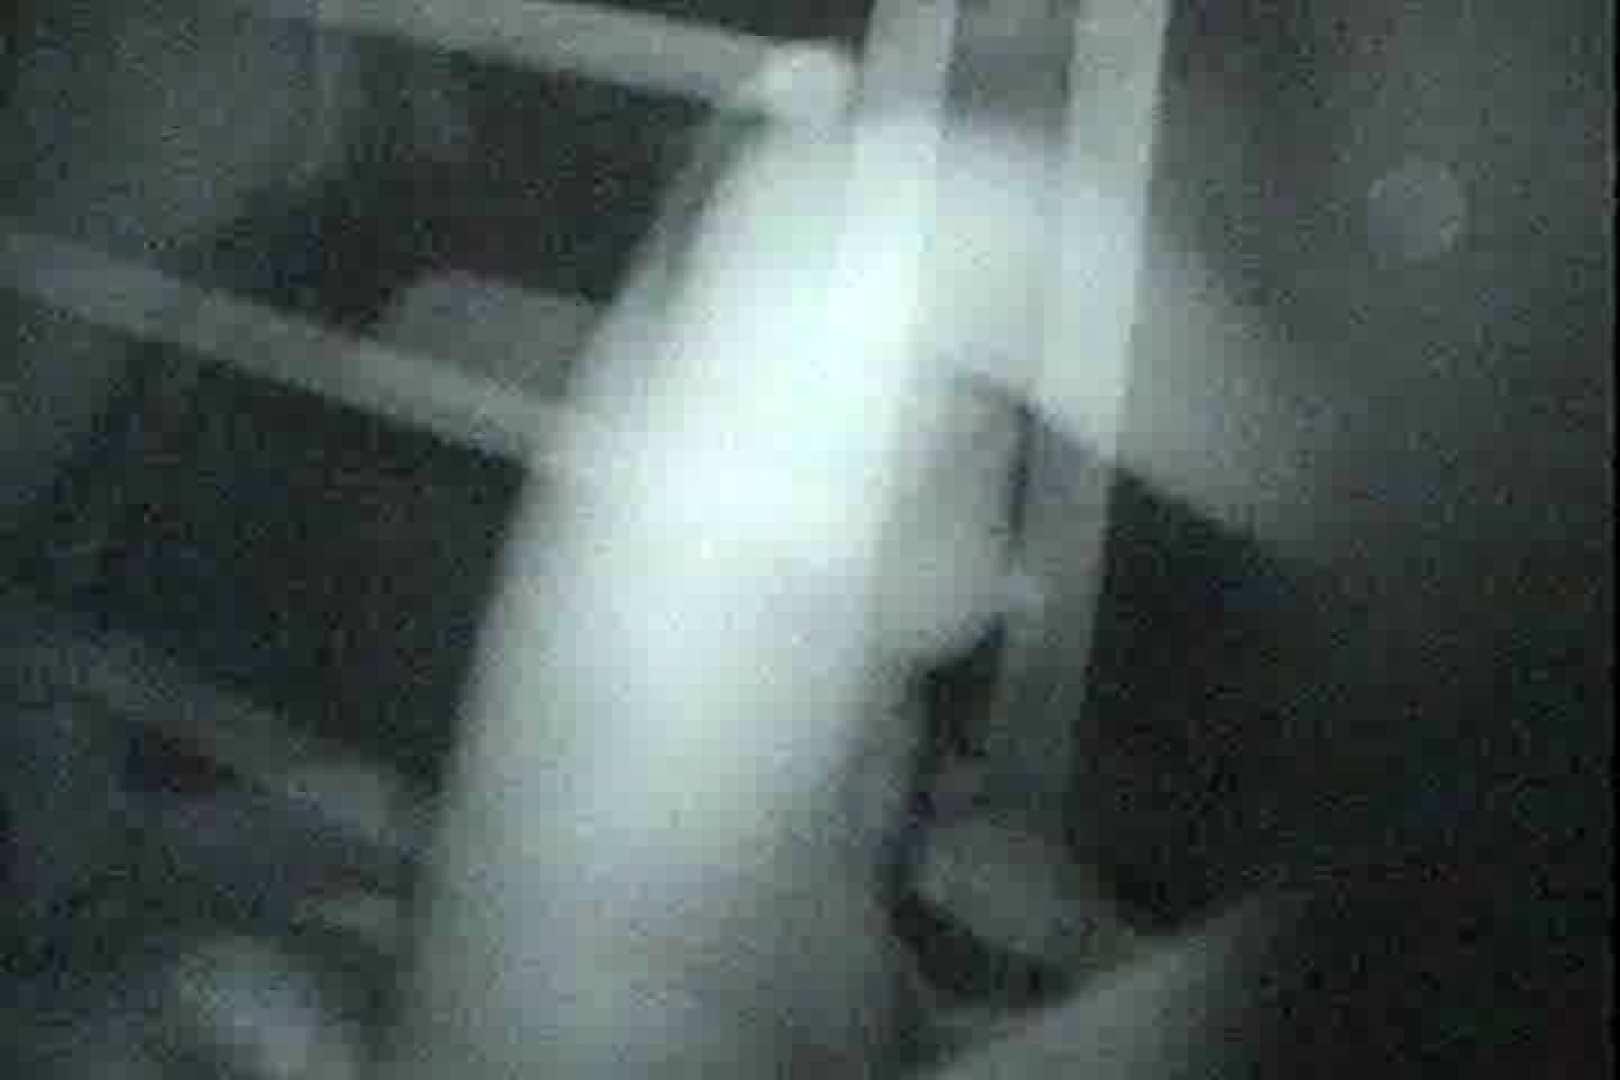 充血監督の深夜の運動会Vol.39 エロティックなOL セックス無修正動画無料 56画像 11